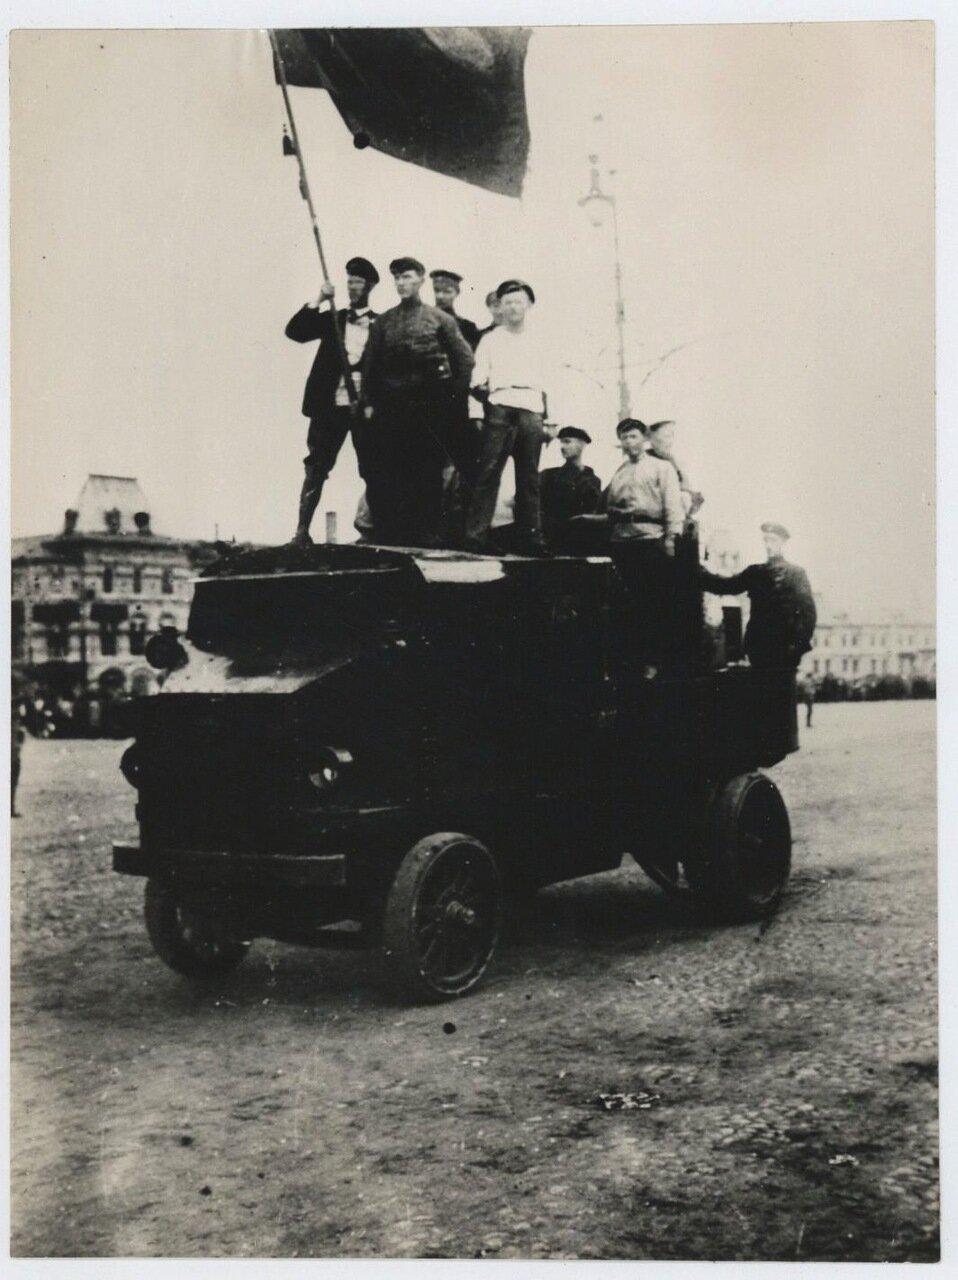 1917. Рабочие со знаменем едут на броневике по Красной площади. 15 ноября (нов. стиль)